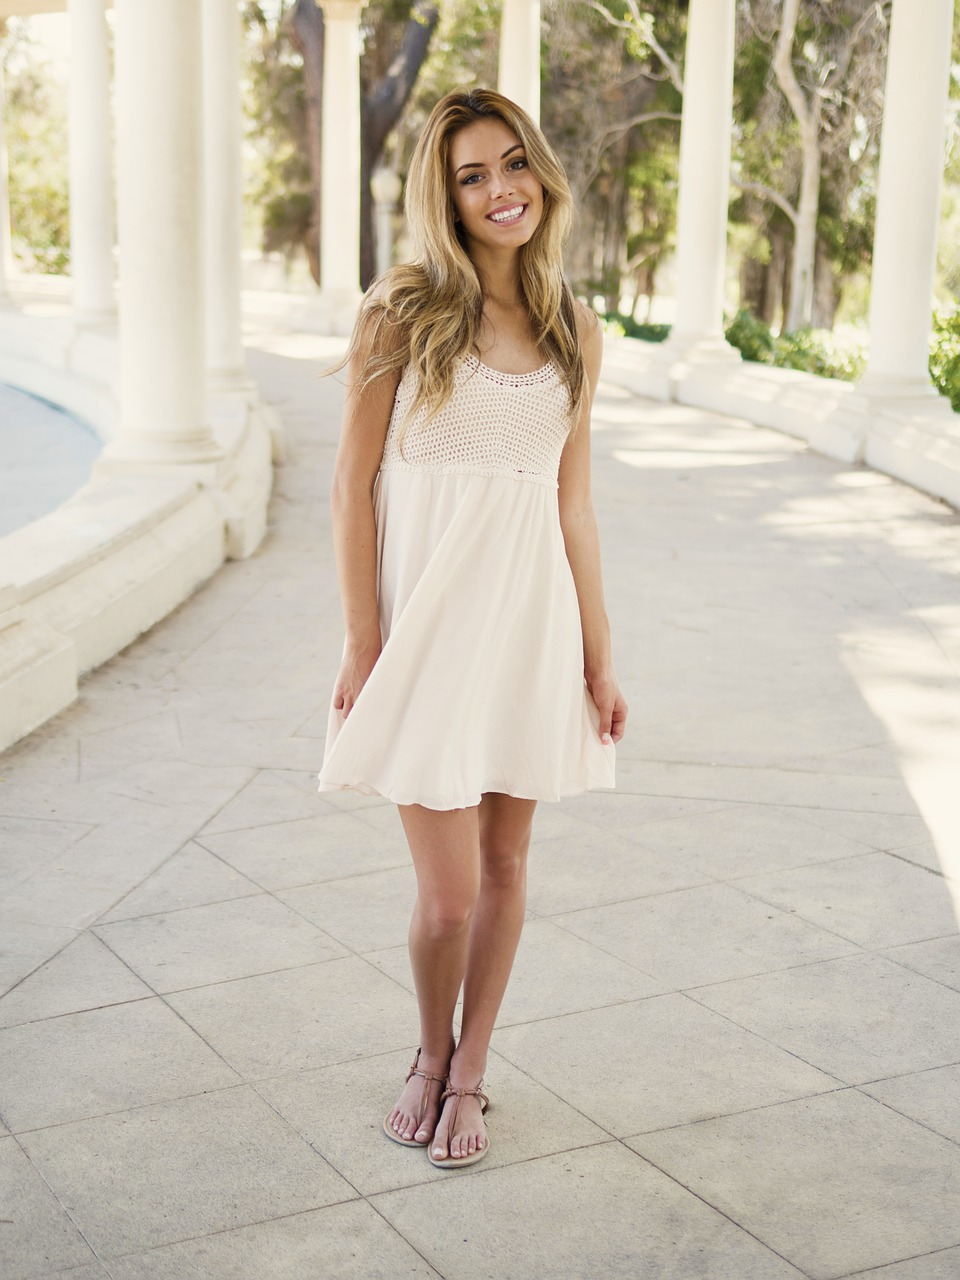 Wyprzedaż letnich sukienek. Jaką sukienkę wybrać na wesele?